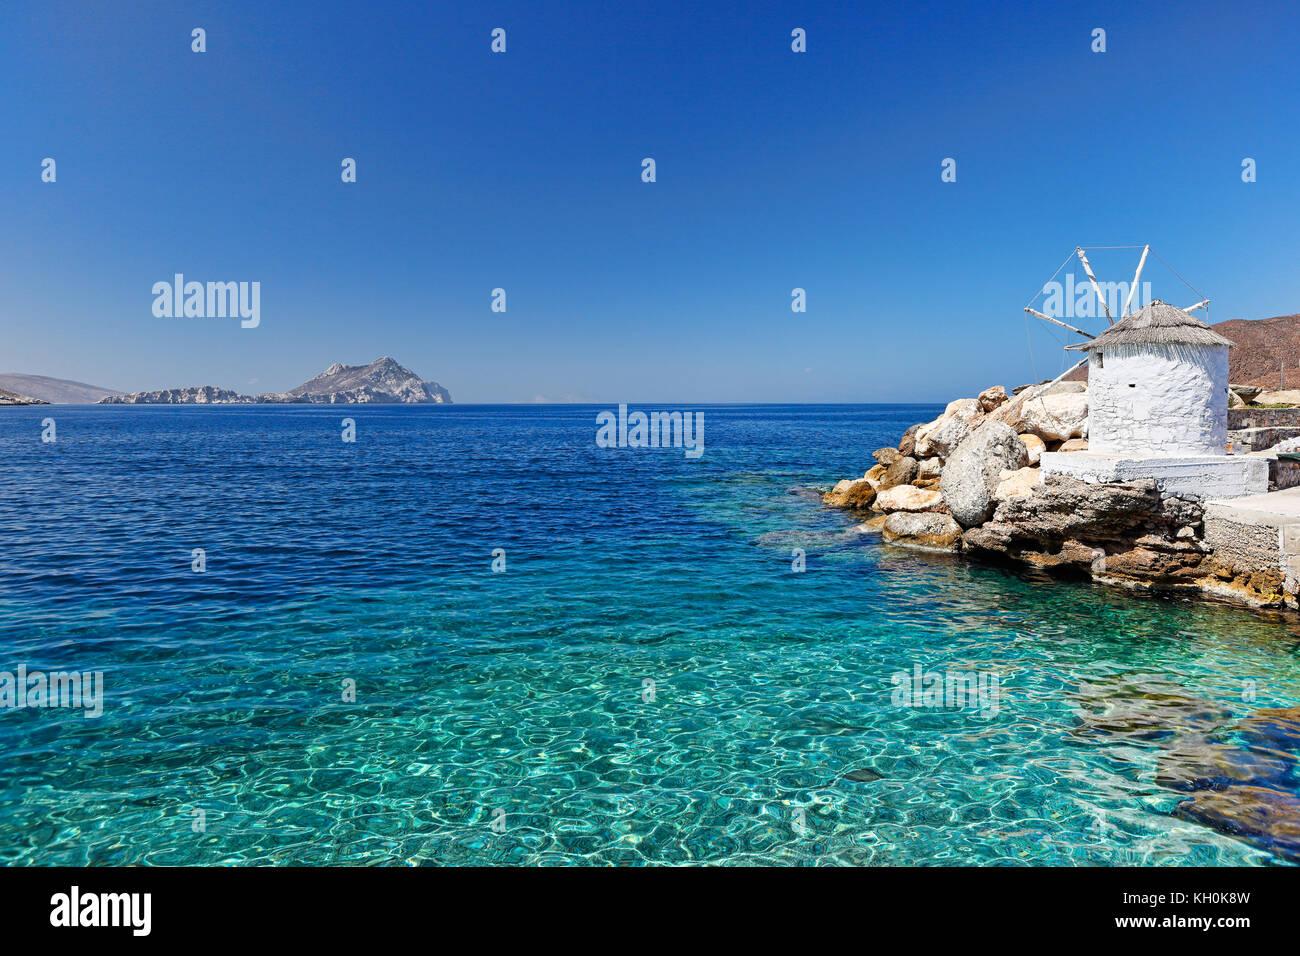 Der Hafen in aegiali Insel Amorgos, Griechenland Stockbild